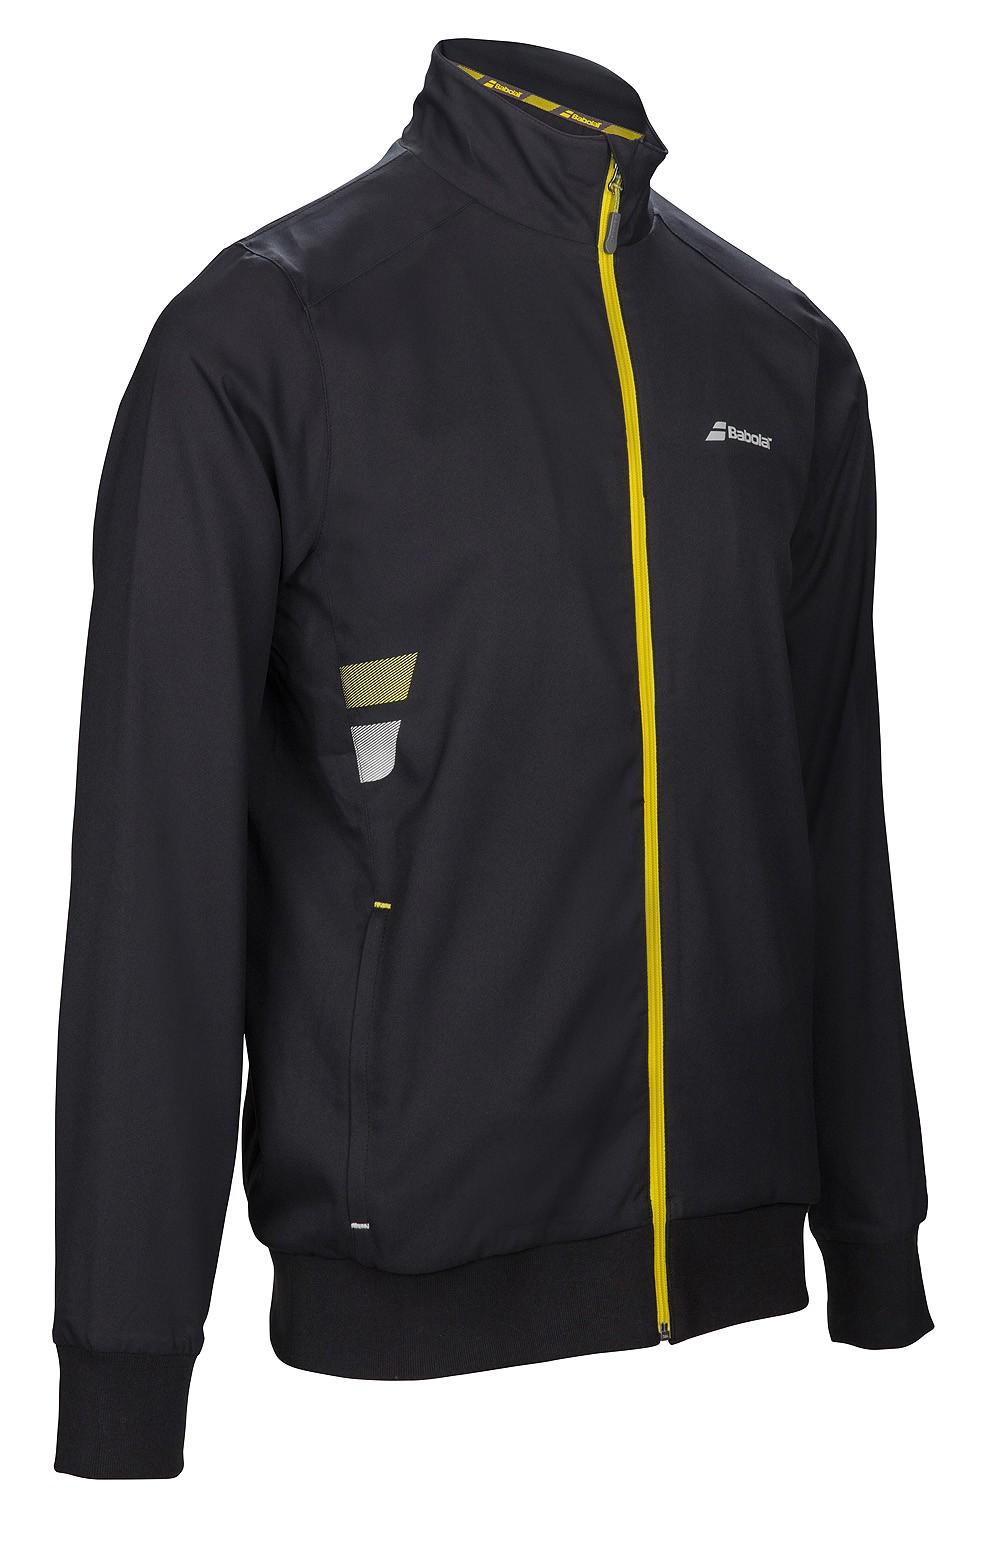 Bluza tenisowa Babolat Jacket Core Black - wyprzedaż!